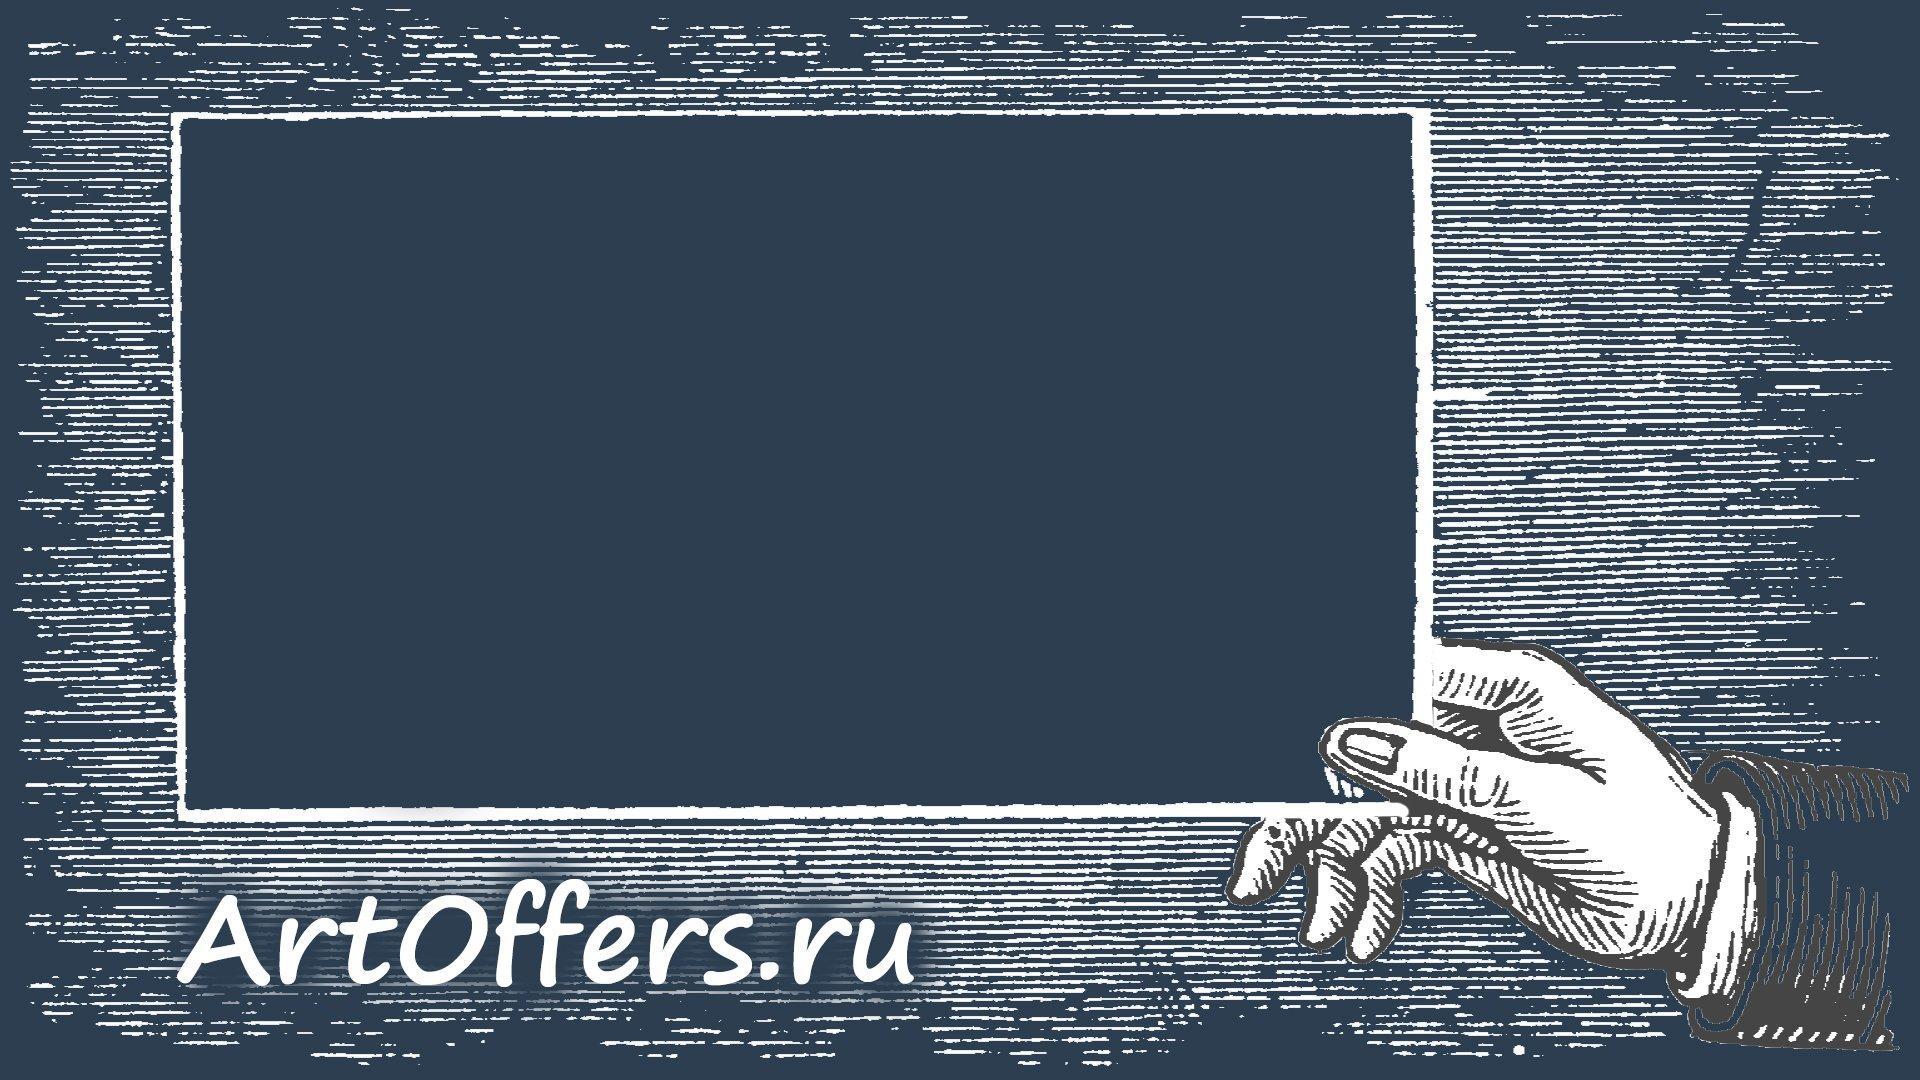 Работа в москве для девушек 23 лет работа в студии девушки